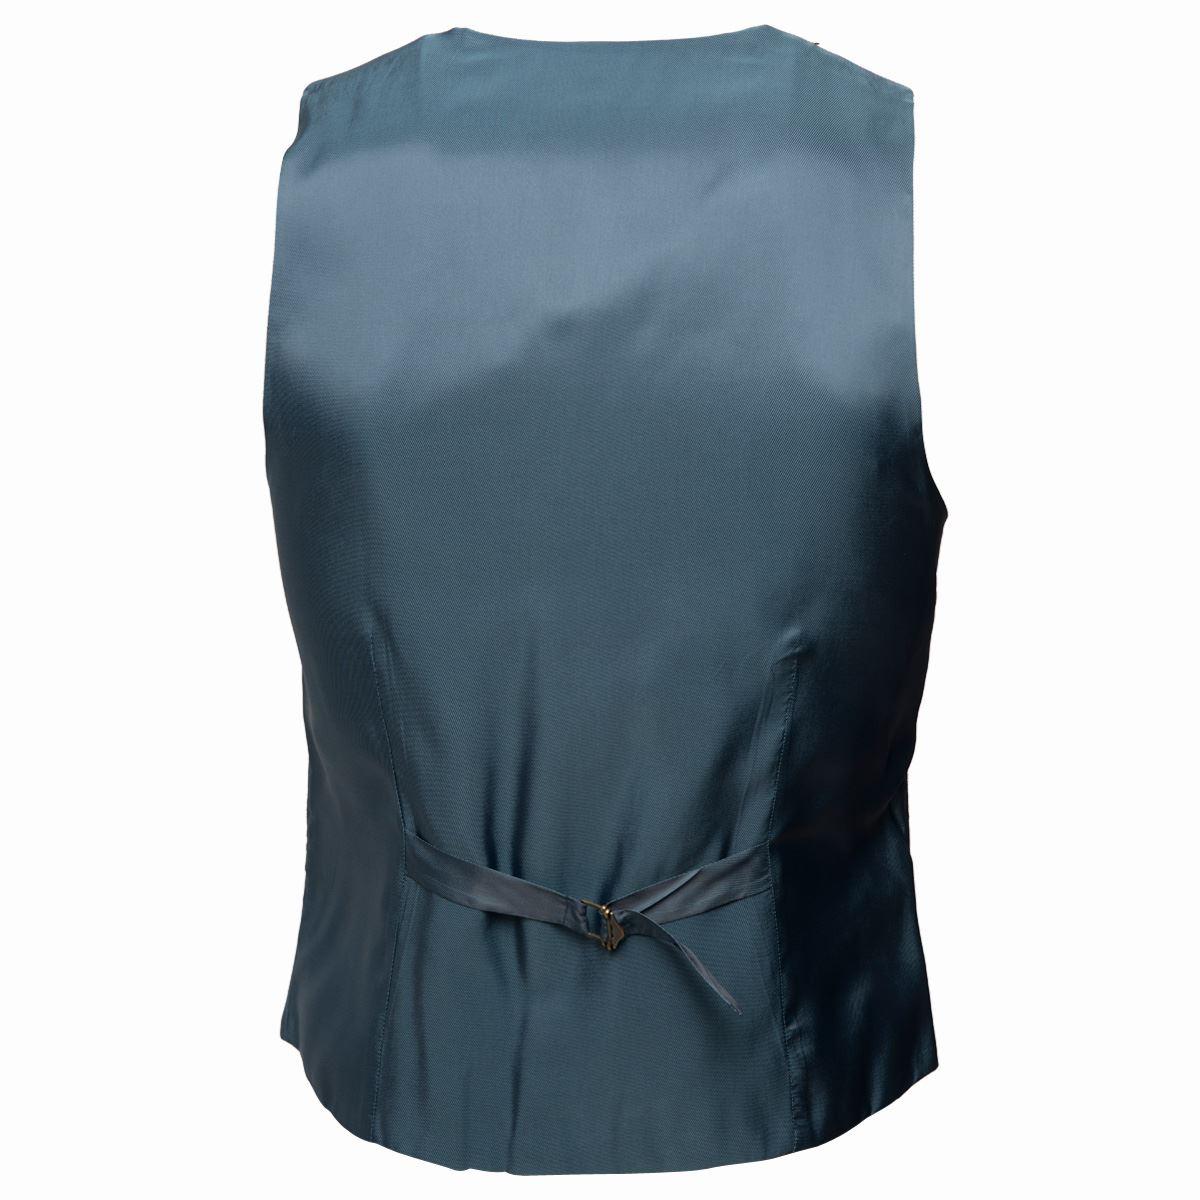 Gabicci-Vintage-da-uomo-a-strisce-SU-MISURA-monopetto-con-bottoni-alla-moda